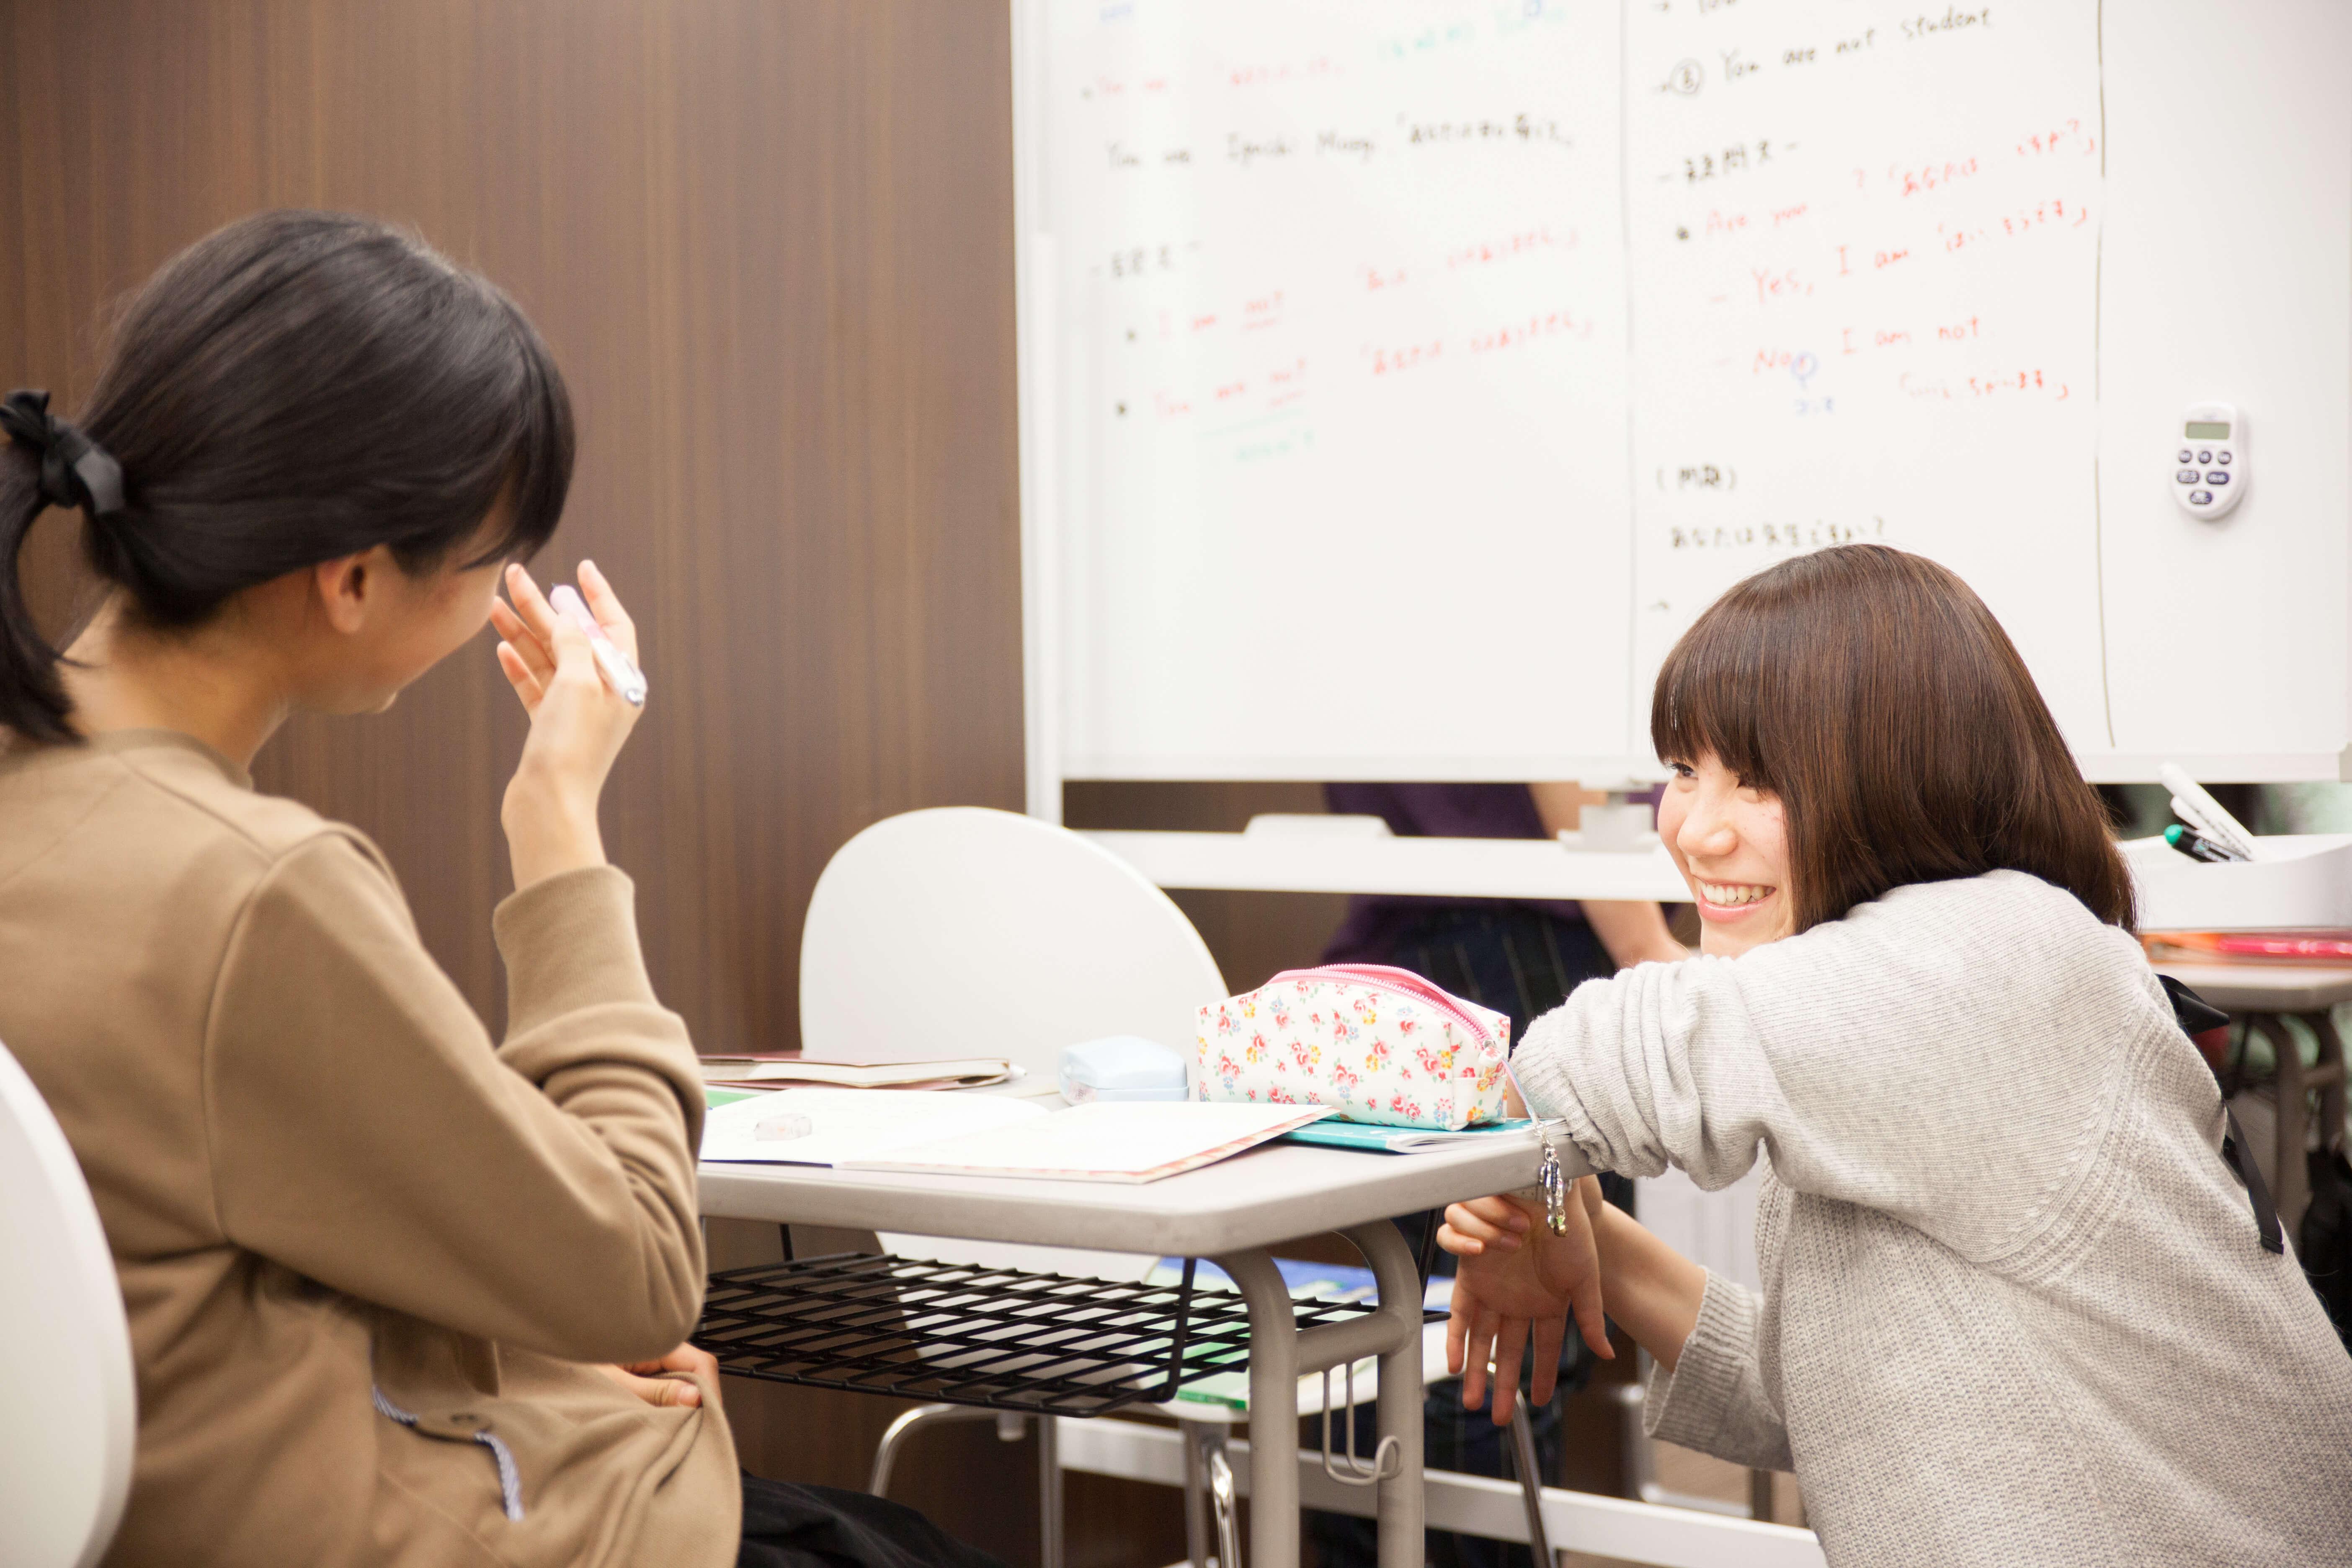 中学・高校・大学受験の対策なら個別指導塾TESTEA西永福校へ!対象:小学生・中学生・高校生